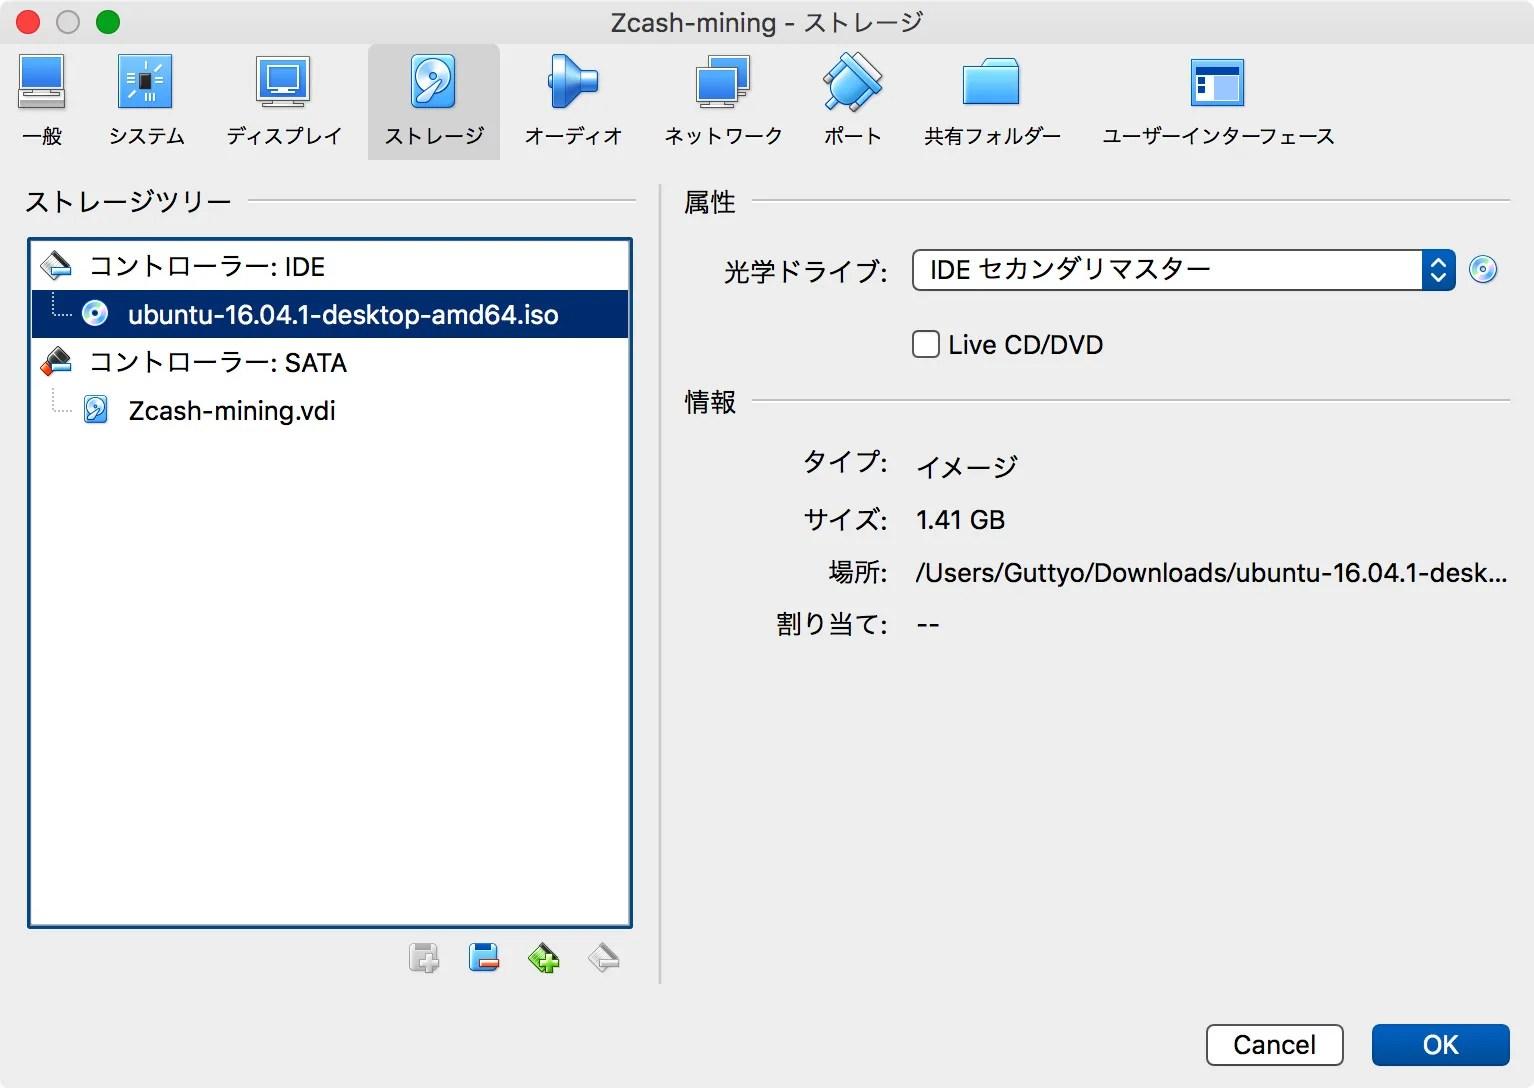 光学ドライブにUbuntuのディスクが入りました。